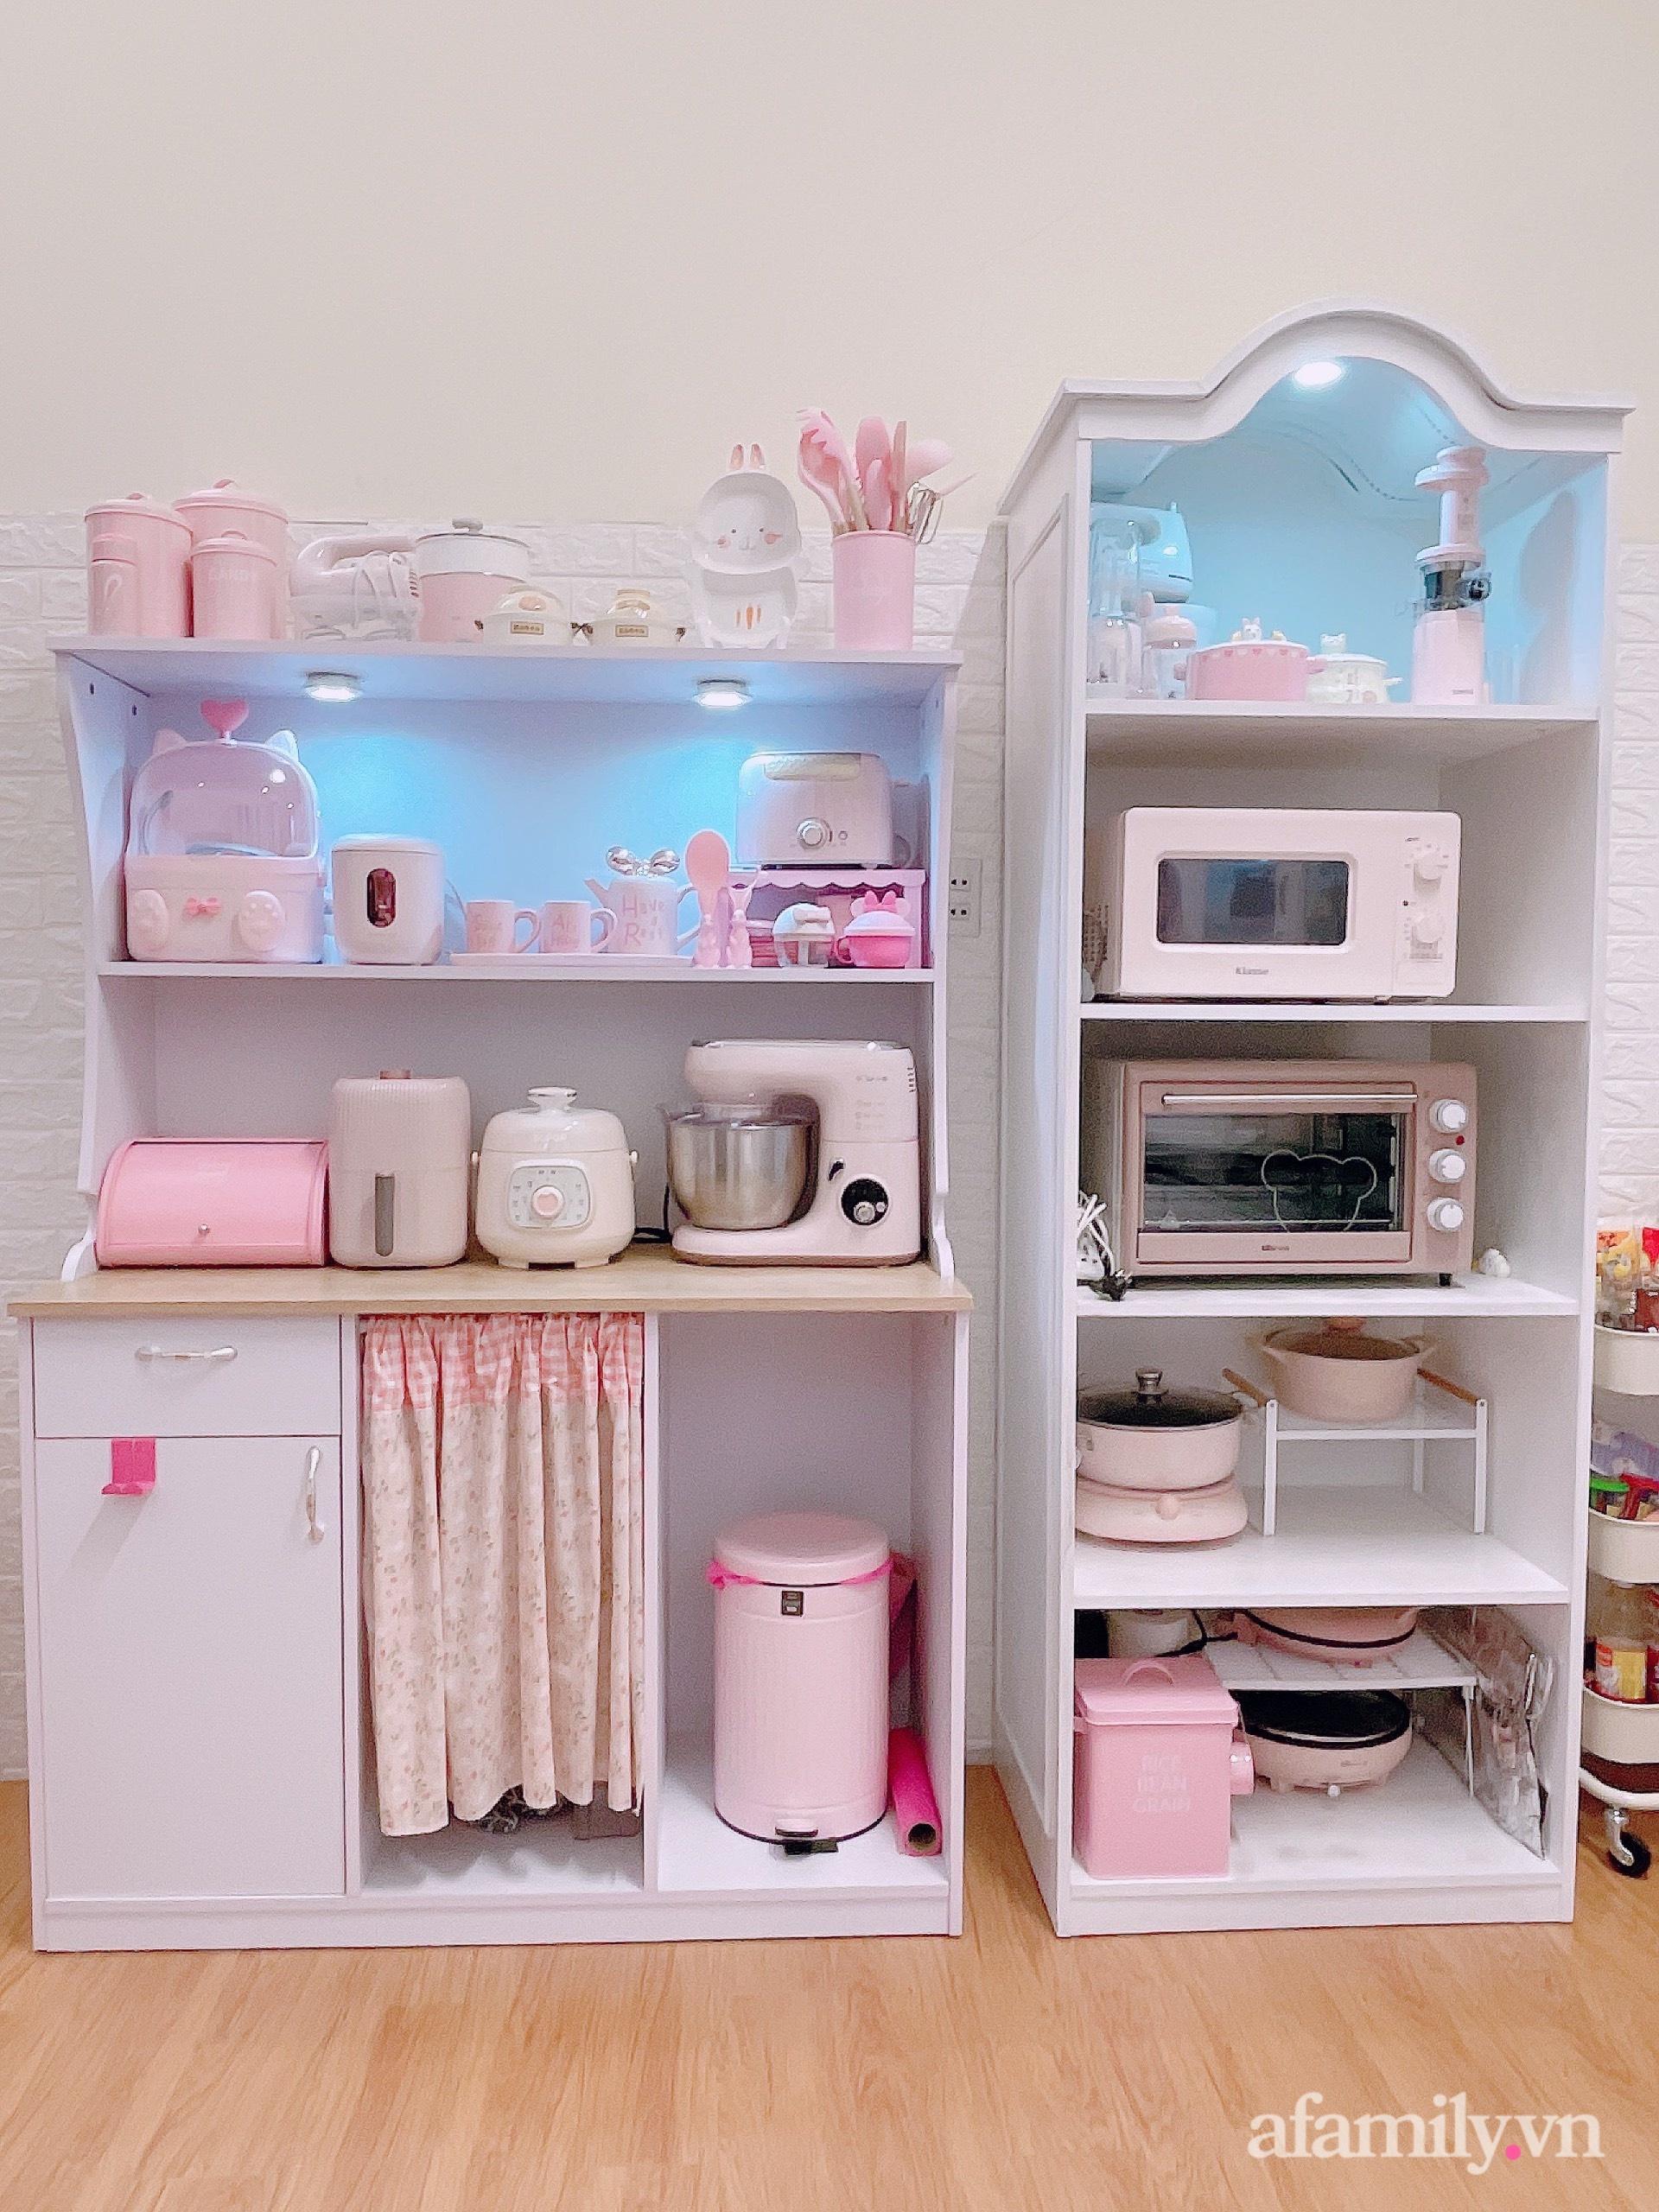 Mẹ trẻ Đà Lạt tự cải tạo căn bếp chật hẹp thành không gian tiện nghi với chi phí rẻ không ngờ - Ảnh 8.